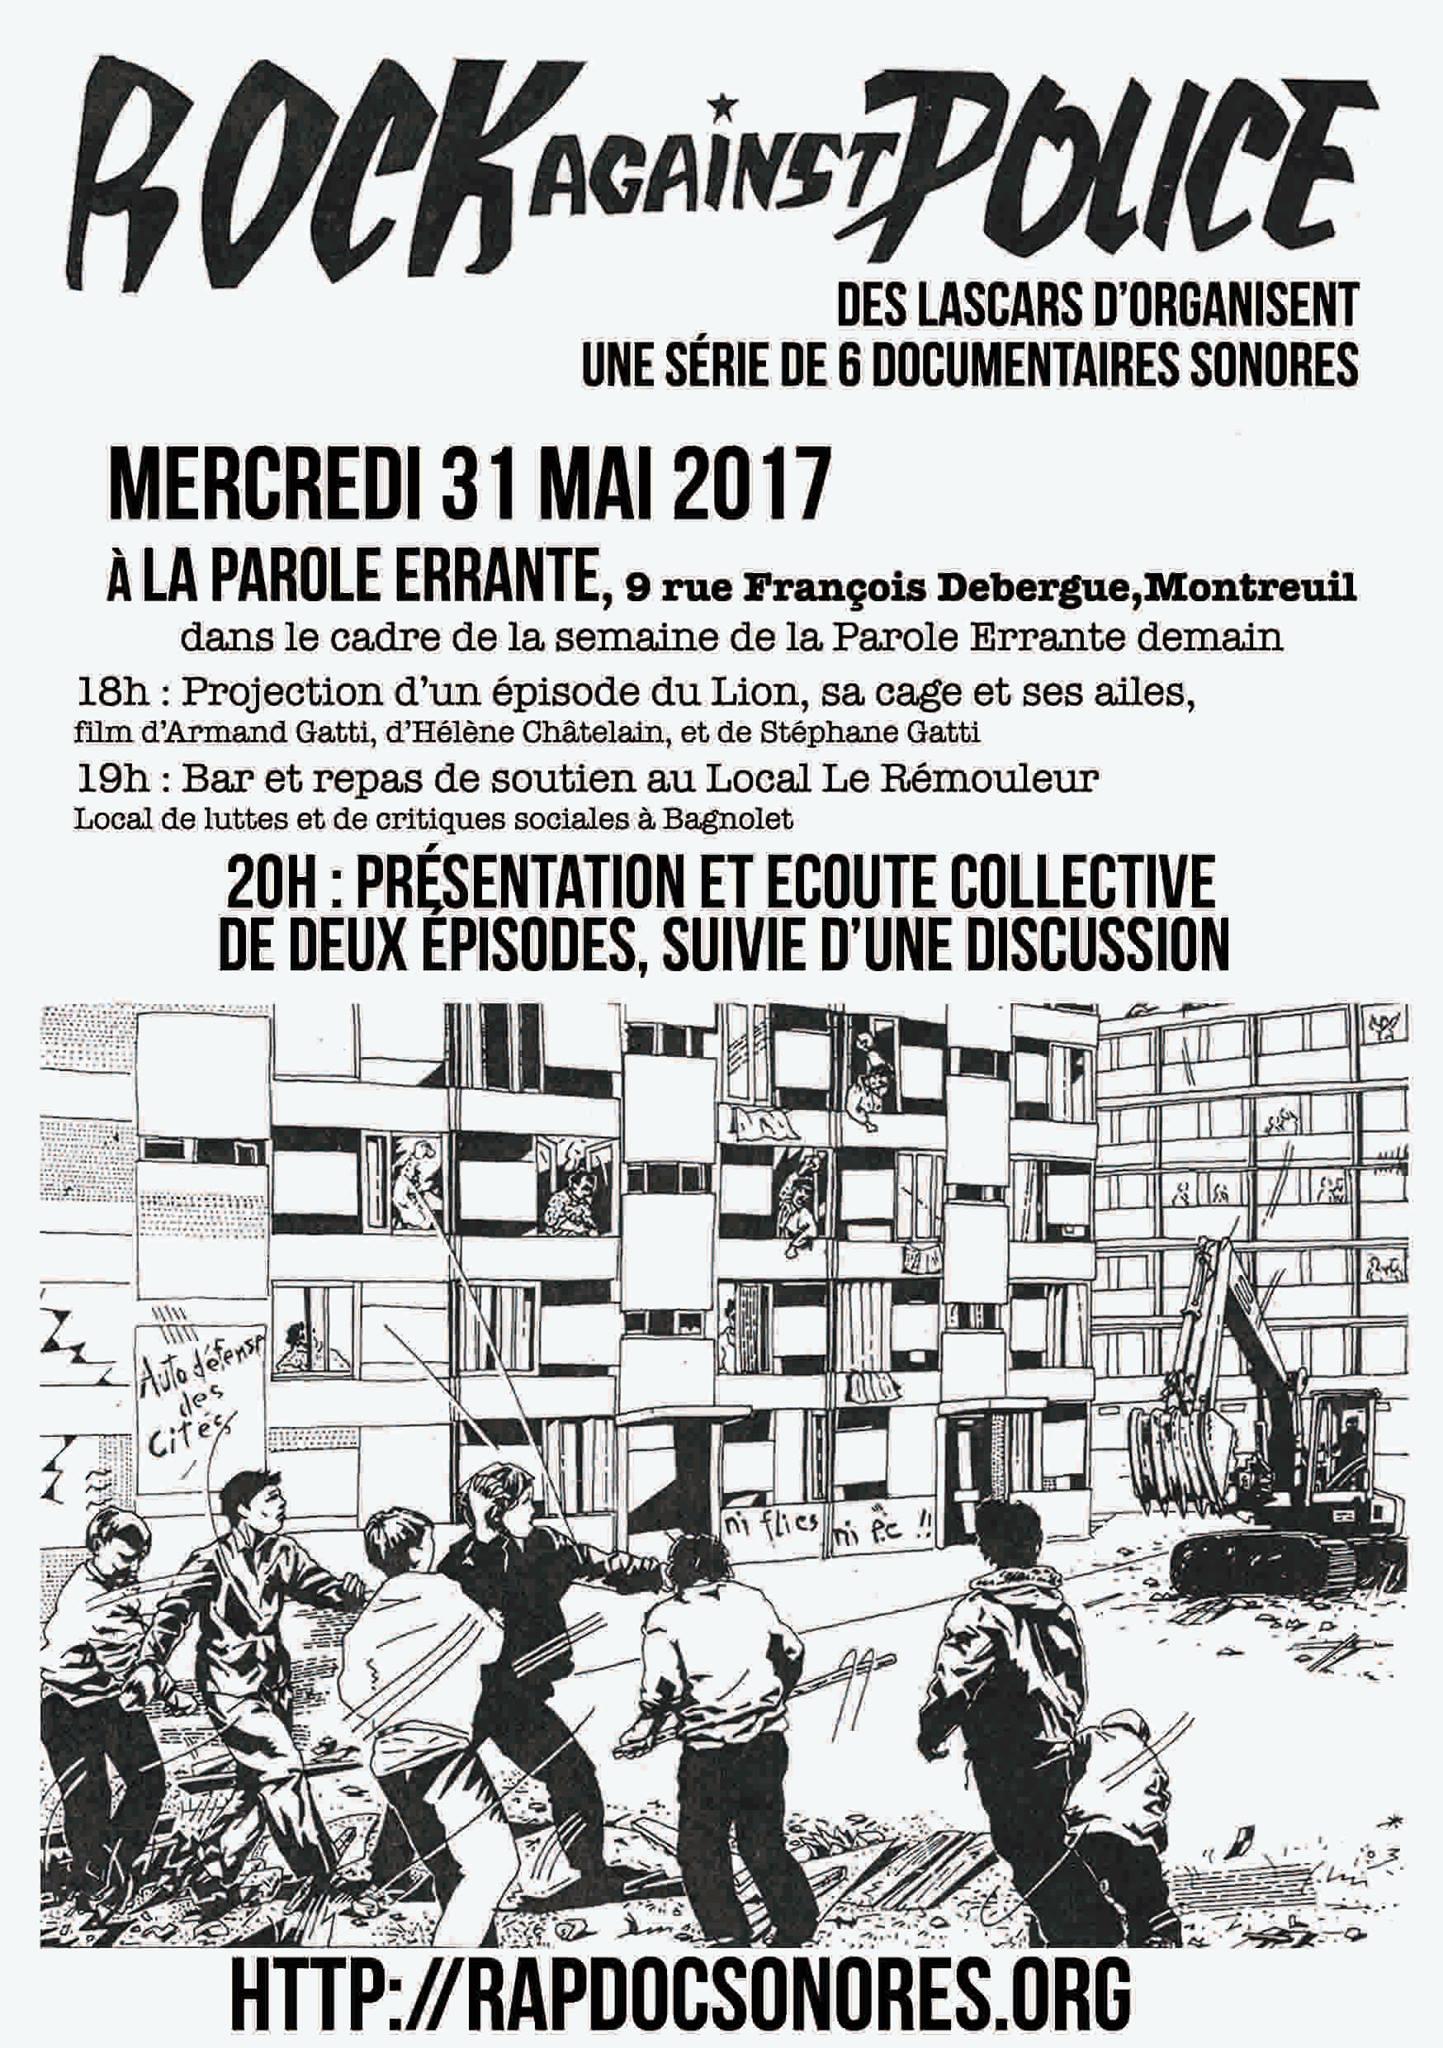 """Documentaires sonores """"Rock against police"""" en libre téléchargement"""